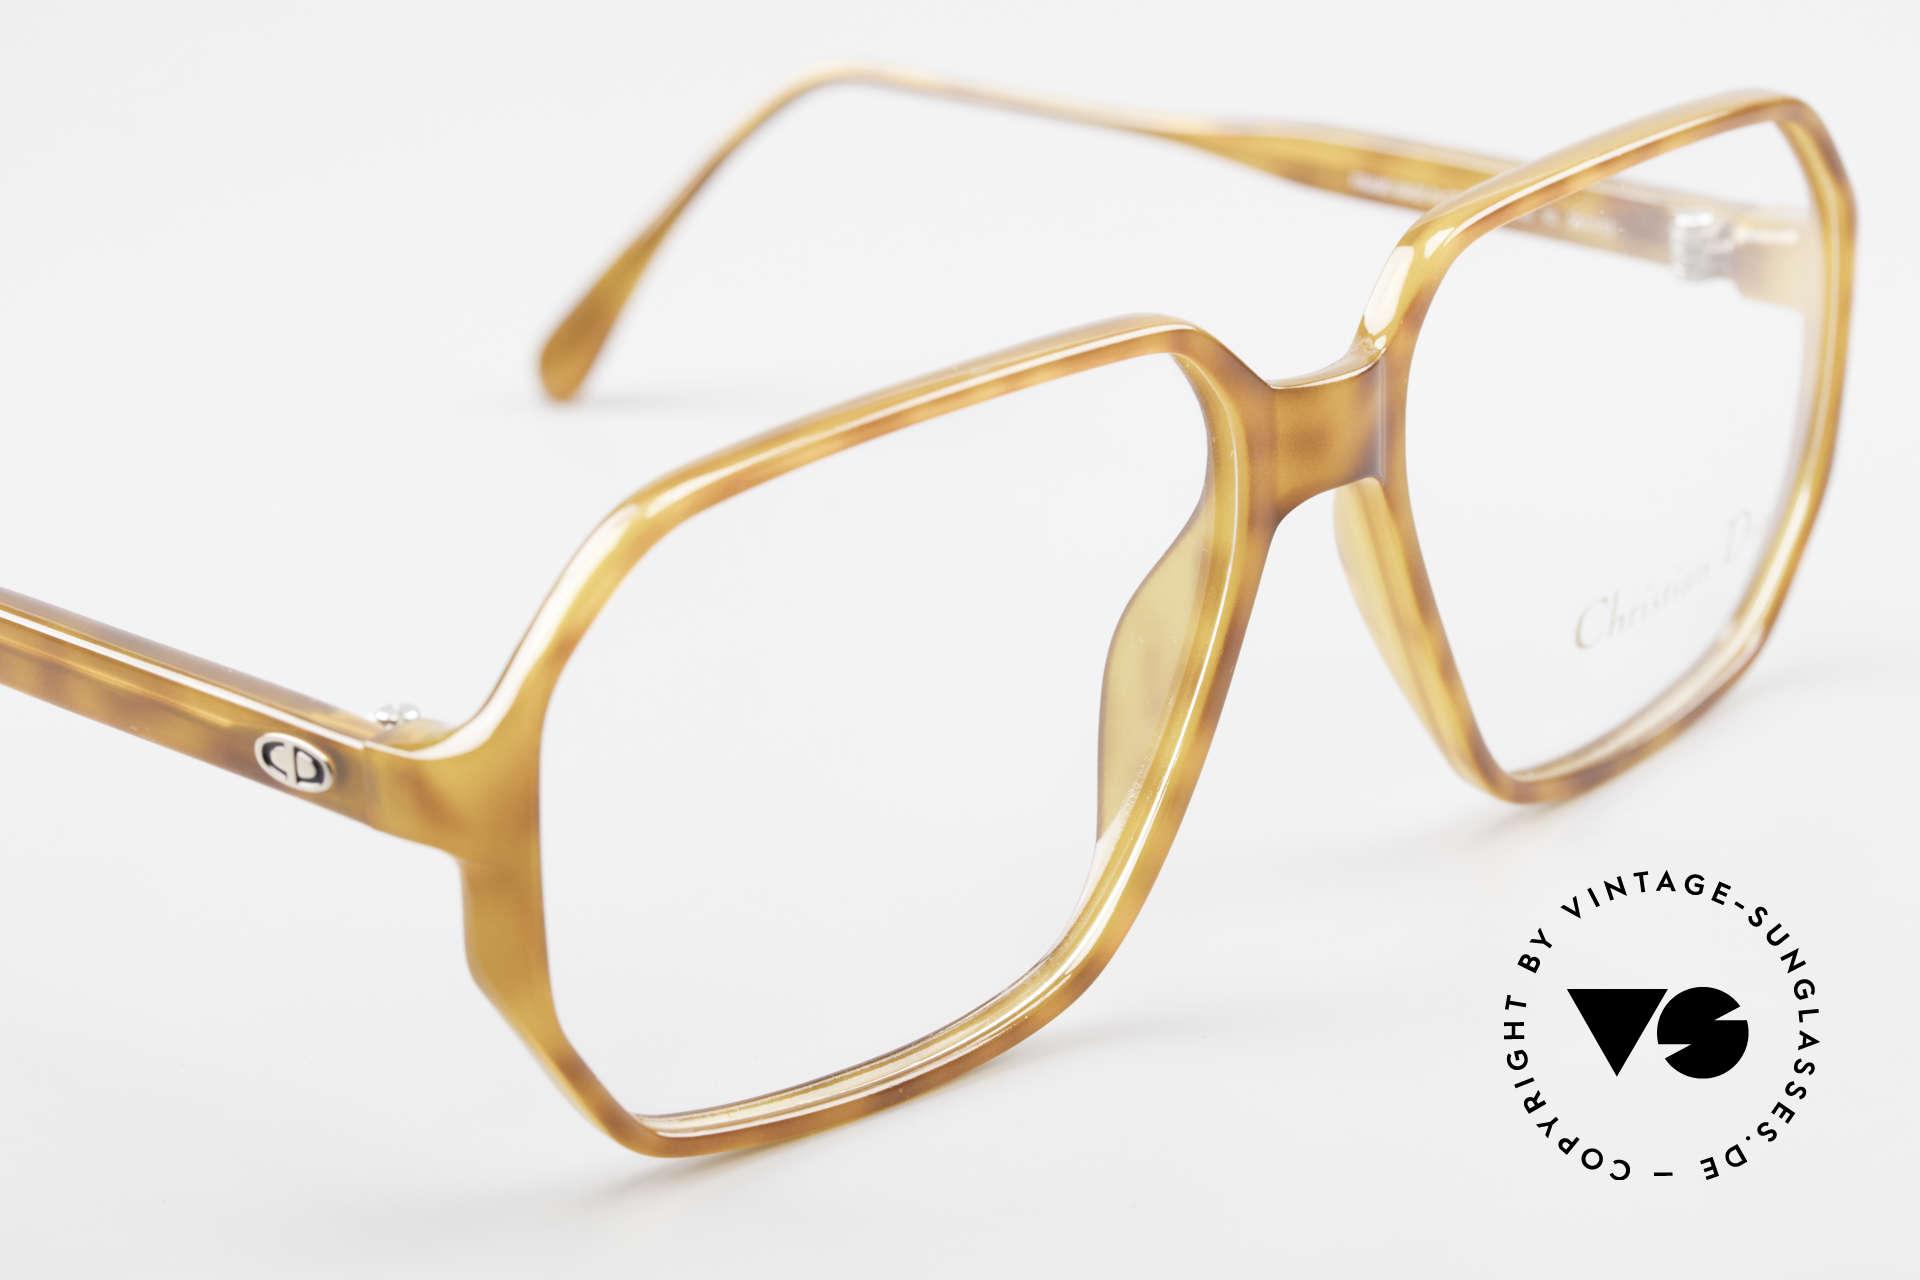 Christian Dior 2533 Optyl Vintage Herrenbrille, KEINE Retrobrille, ein 30 Jahres altes ORIGINAL, Passend für Herren